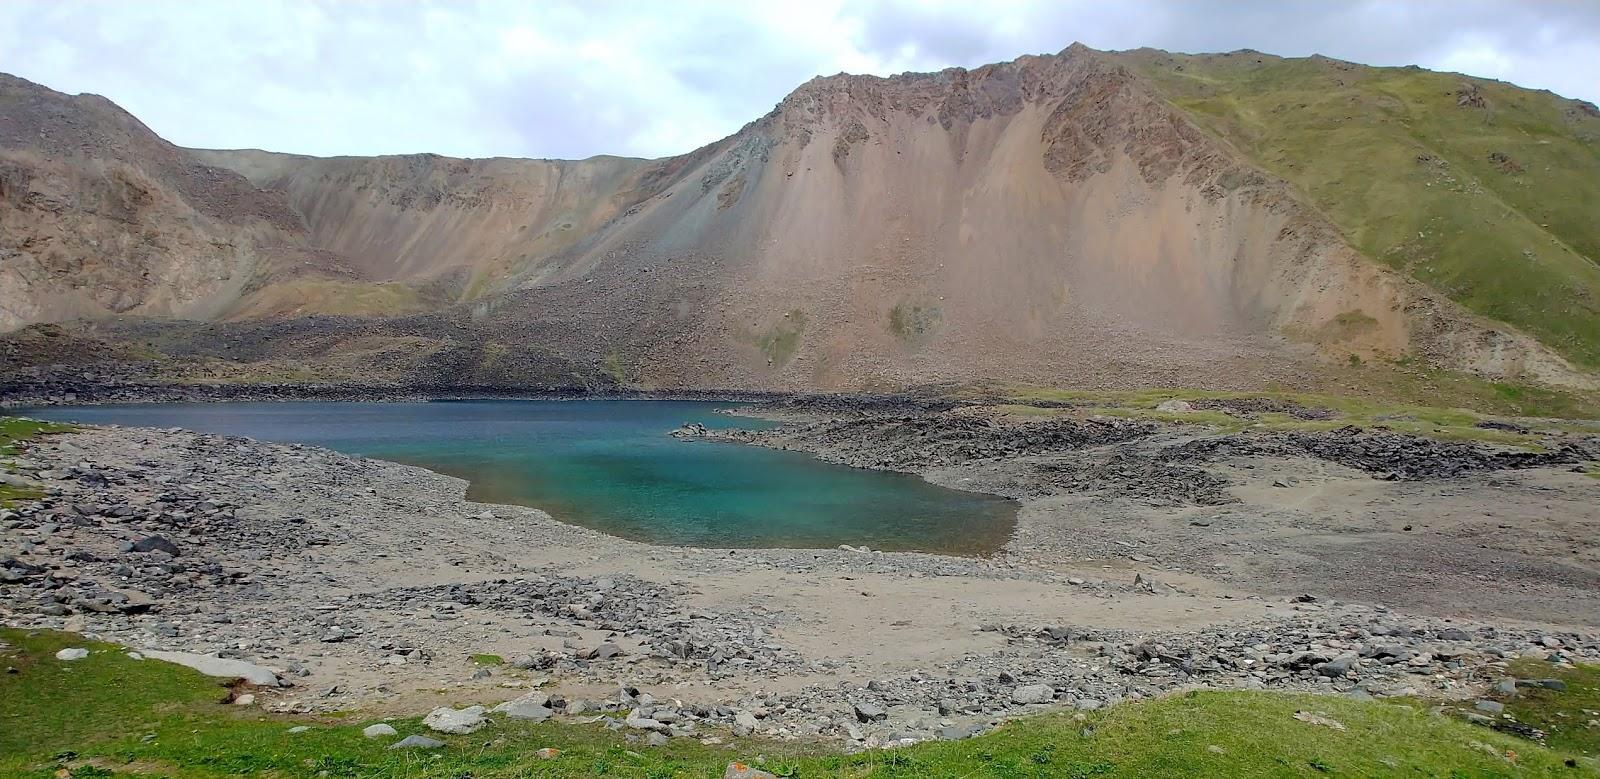 Konno do jeziora Kol Ukok – nocleg w jurcie na 3000m n.p.m.